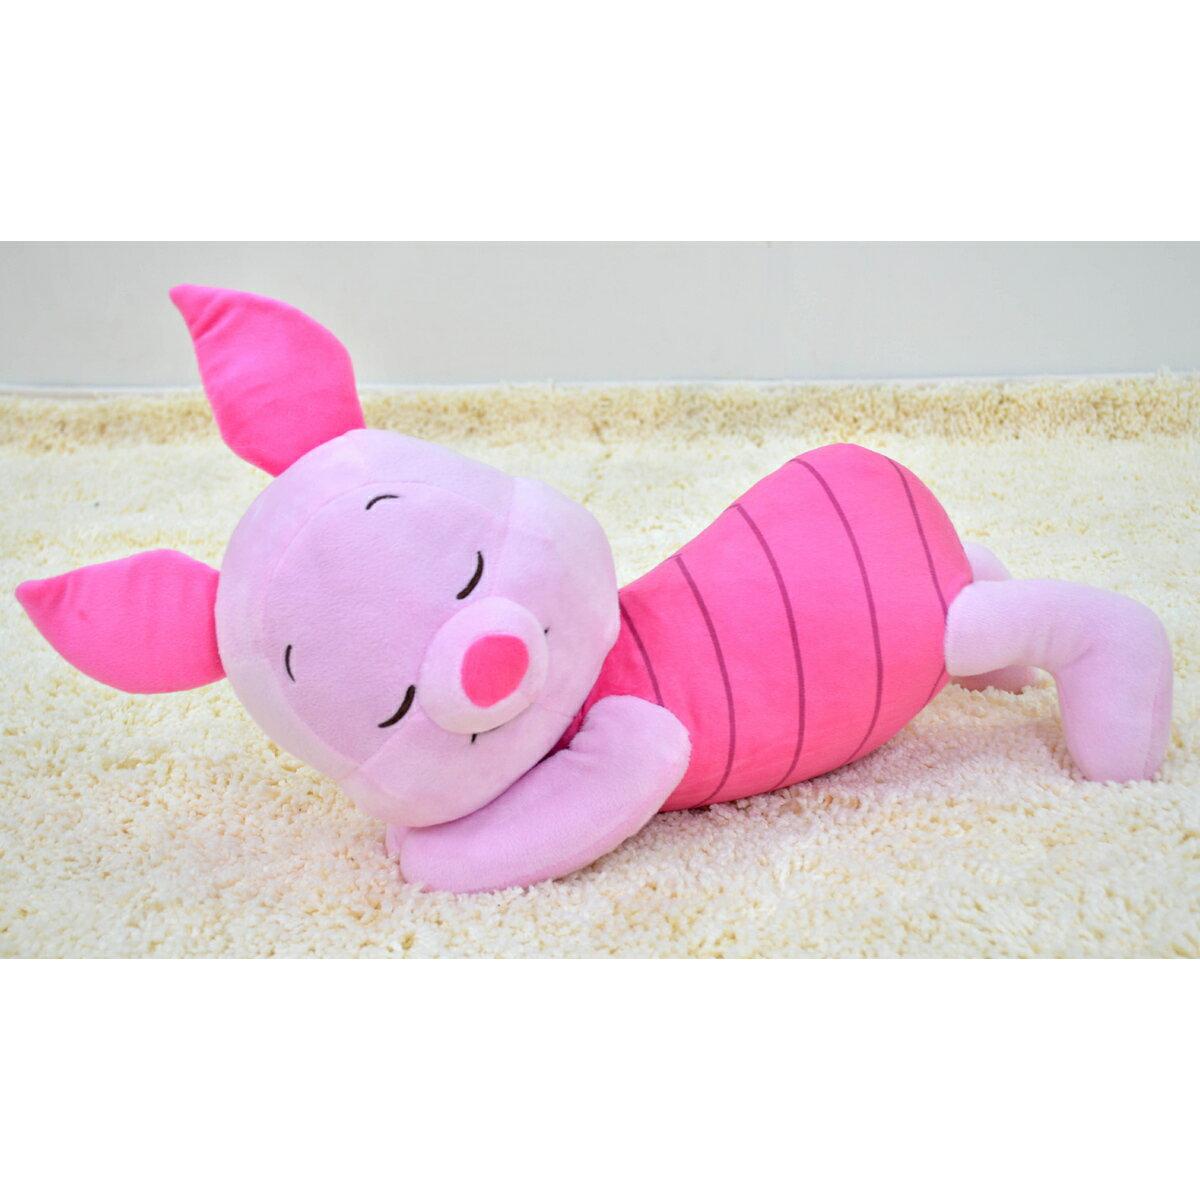 モリシタ Disney 添い寝枕 ピグレット 4620178